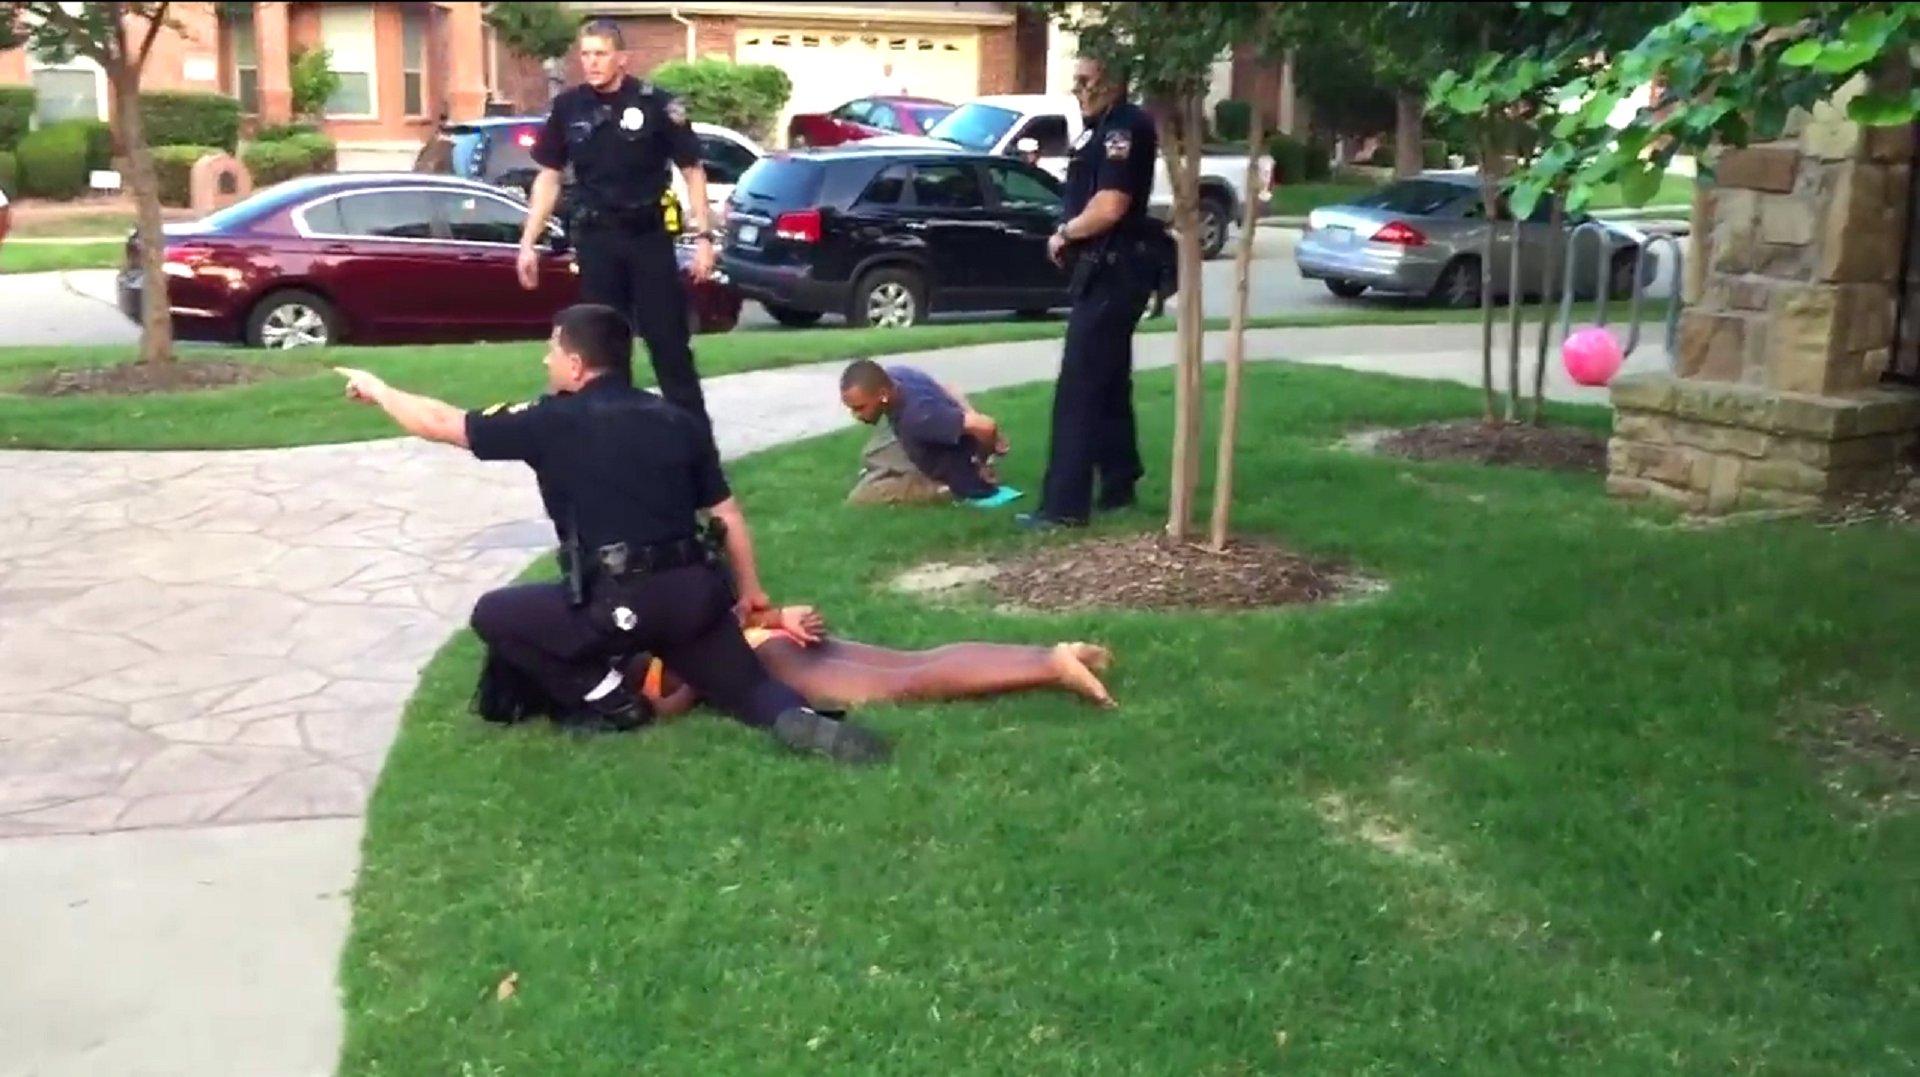 Zweifelhafter Polizeieinsatz in Texas